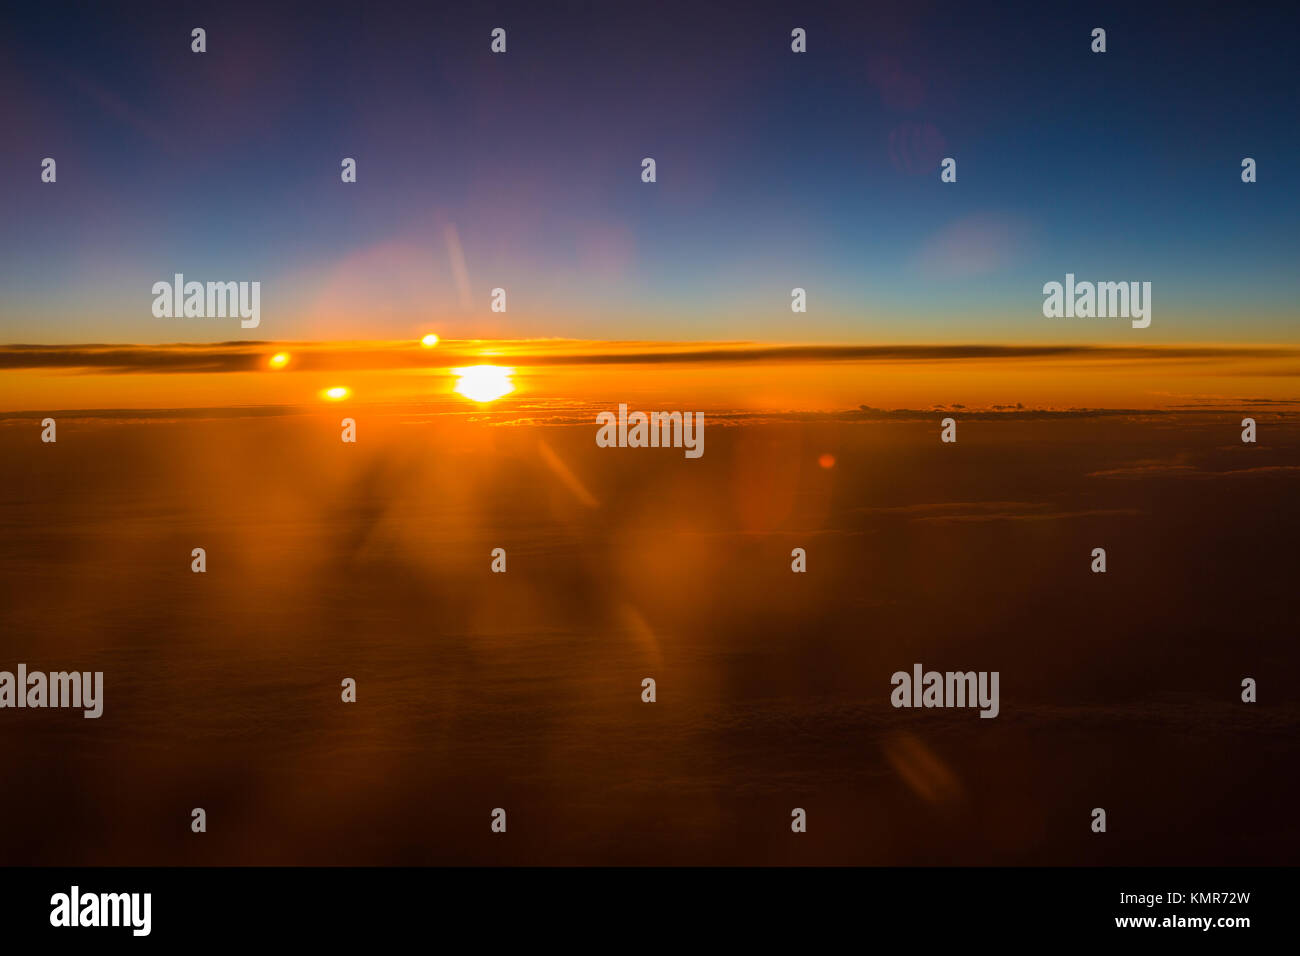 Sunrise over the sky - Sonnenaufgang über den Wolken - Flug in 12000 Meter - Stock Image